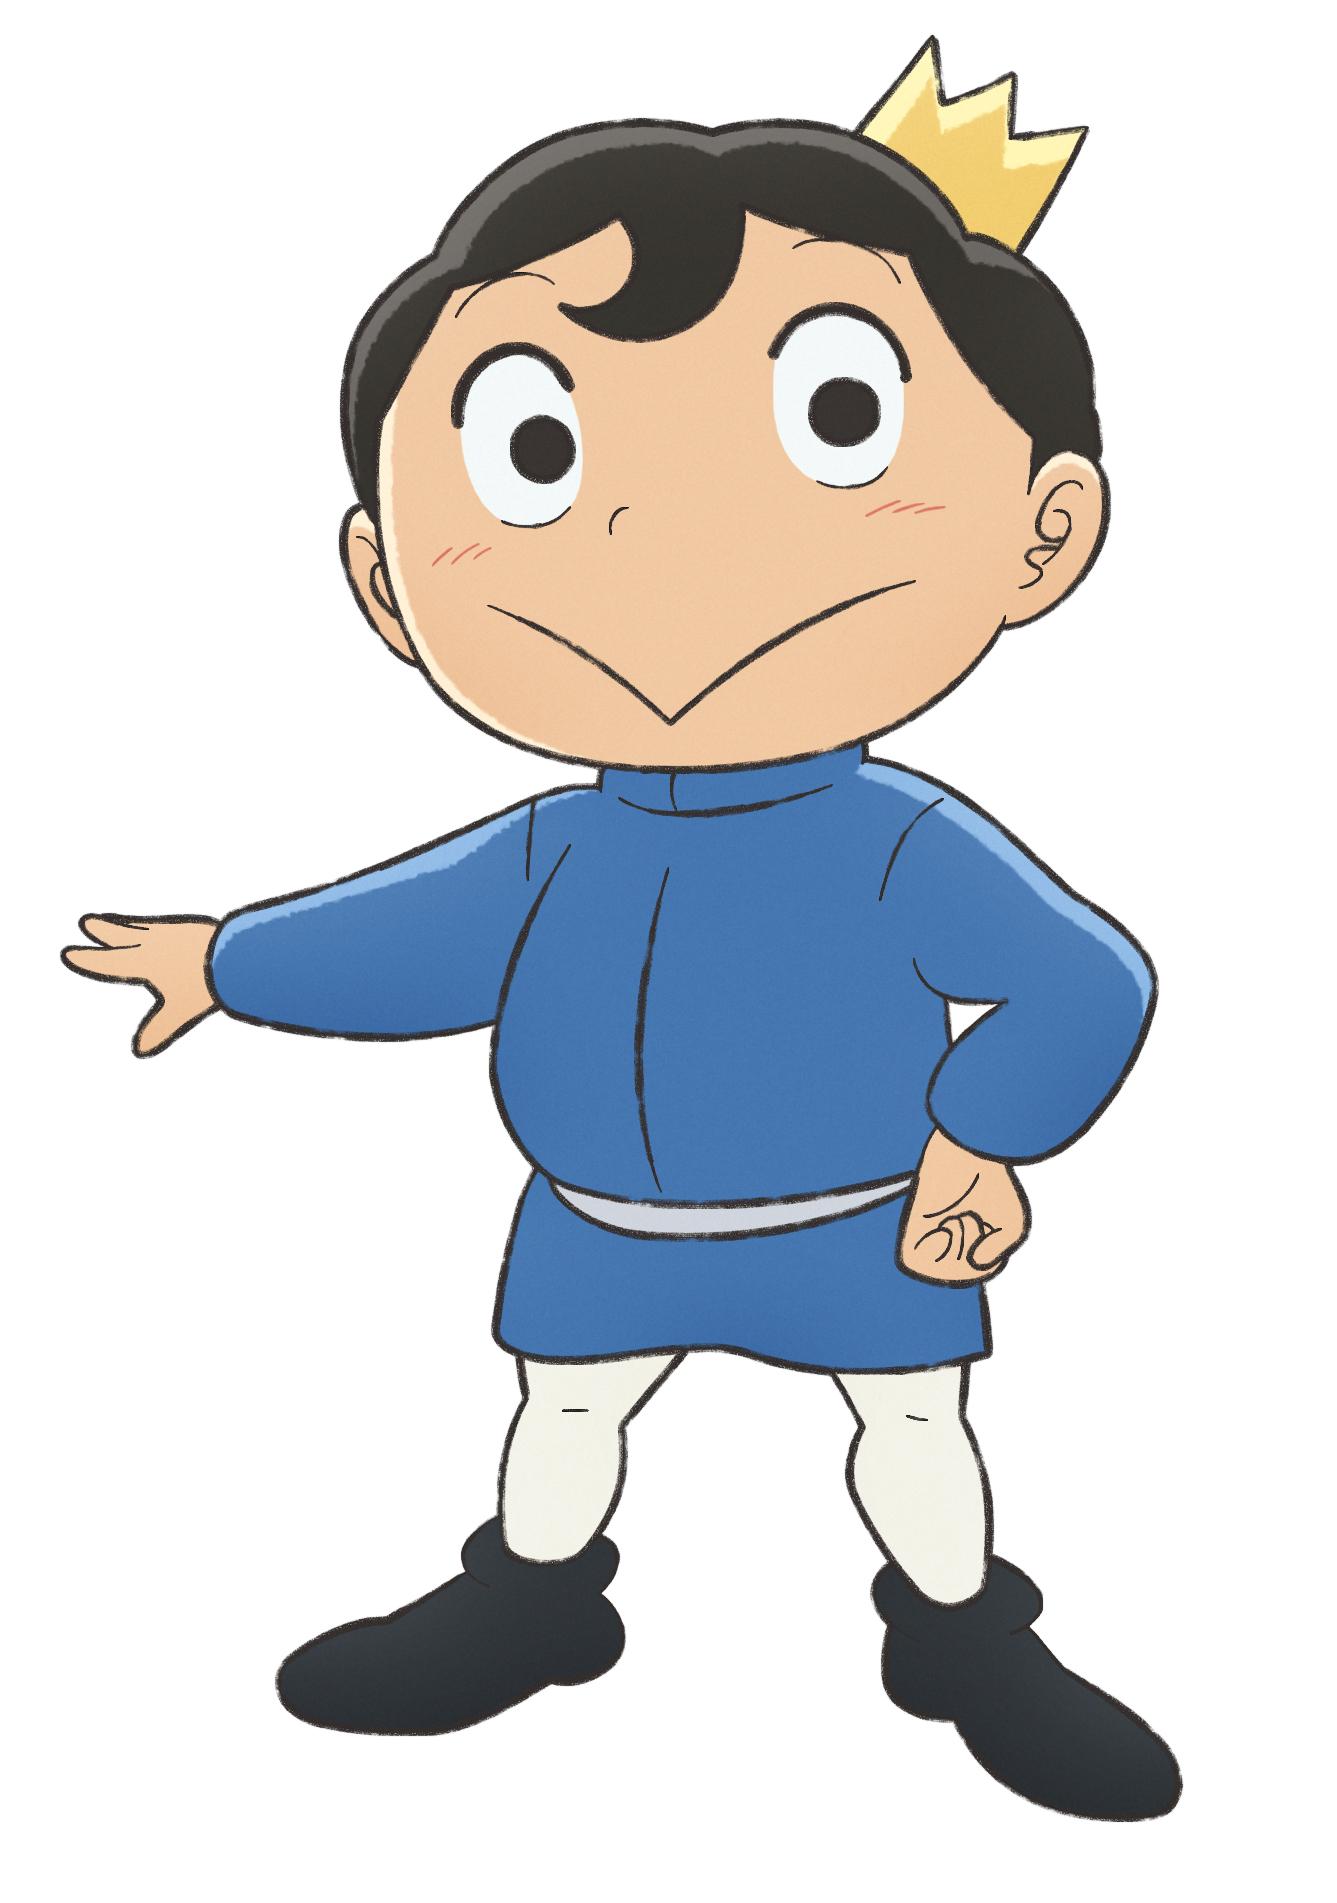 TVアニメ「王様ランキング」ボッジ CV:日向未南さん